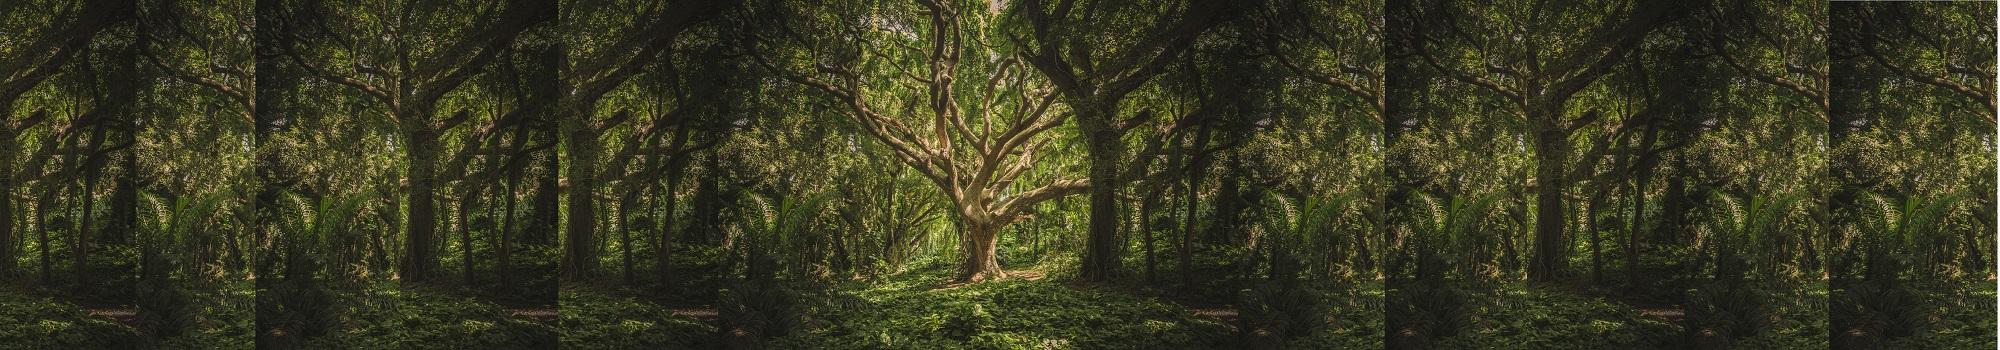 Analogie entre un arbre et une personne douloureuse - ABC Douleur